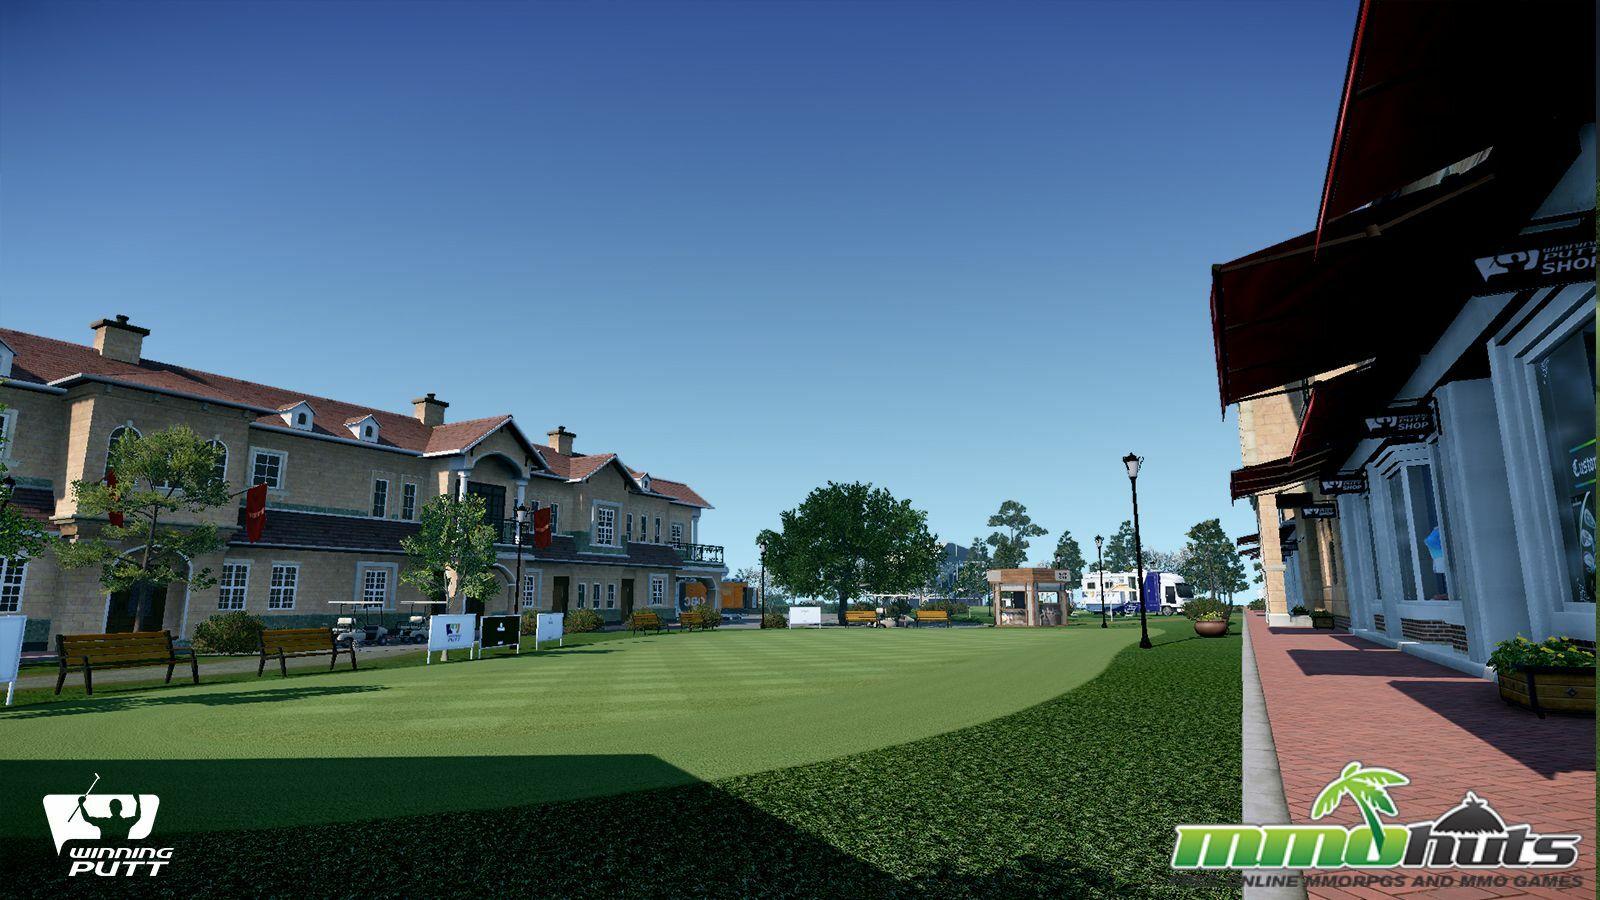 Winning Putt Preview Screenshot 13 Relaxation Plaza